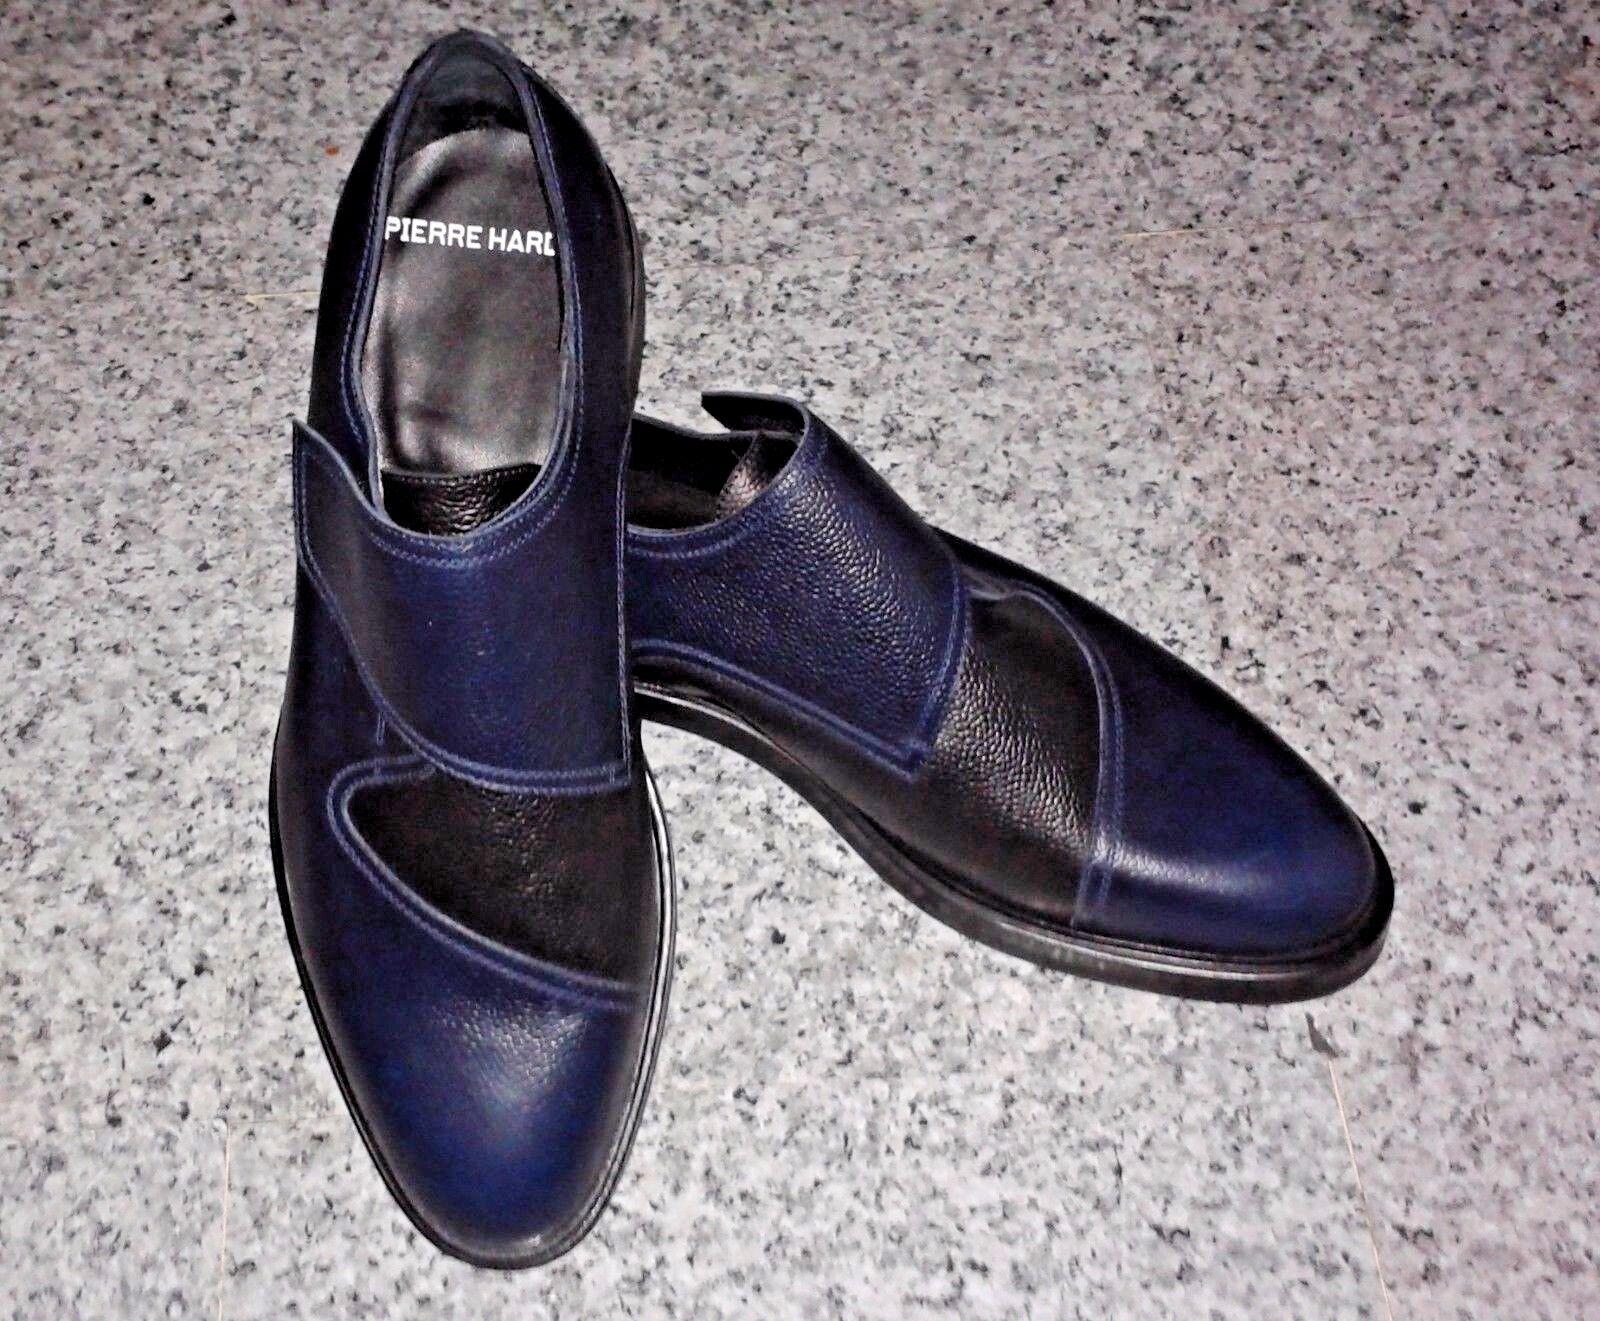 Pierre Hardy Blu scuro/nero pelle di vitello grana Scarpe Brogue Derby-/EUR 44 Scarpe classiche da uomo